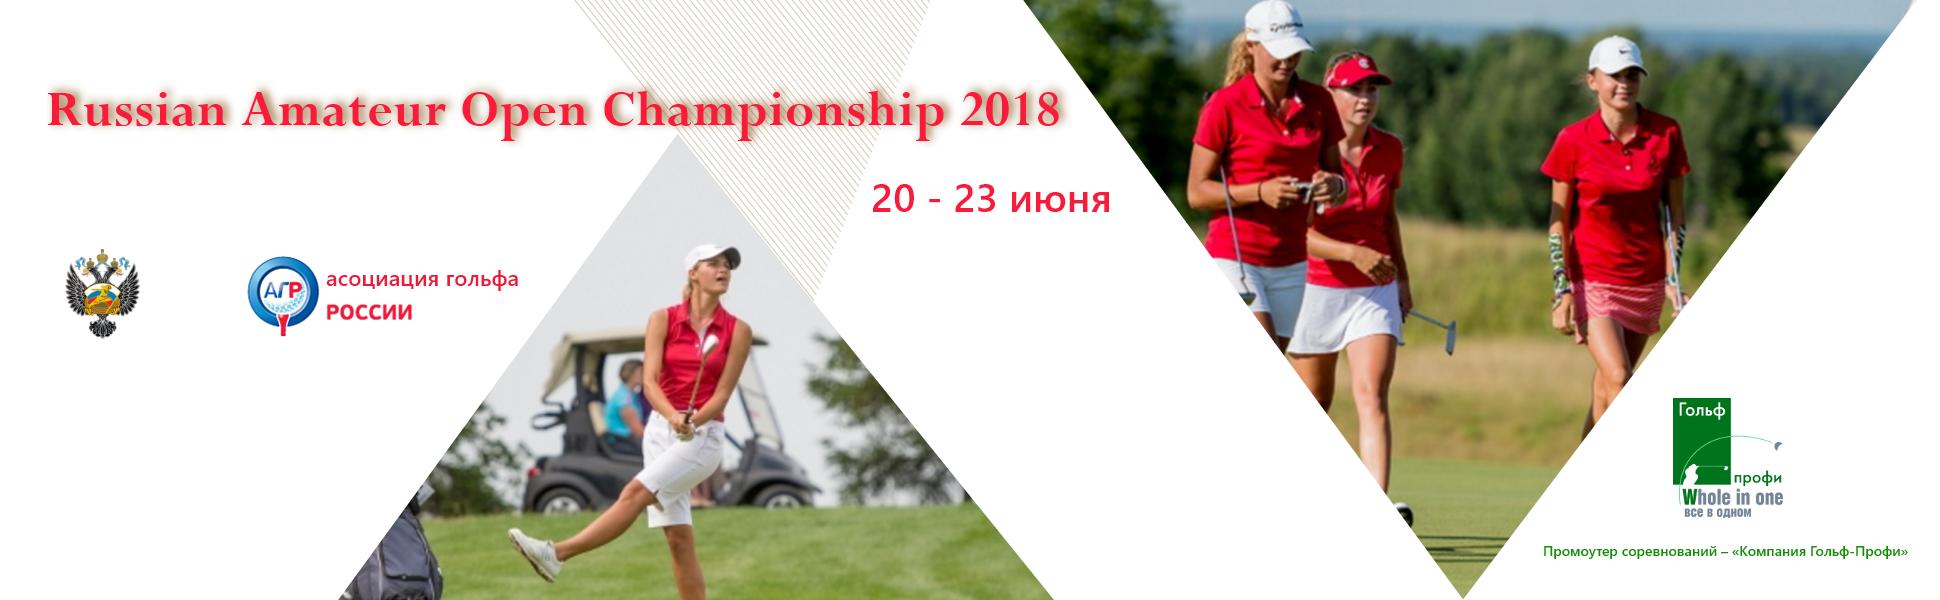 Всероссийские соревнования по гольфу